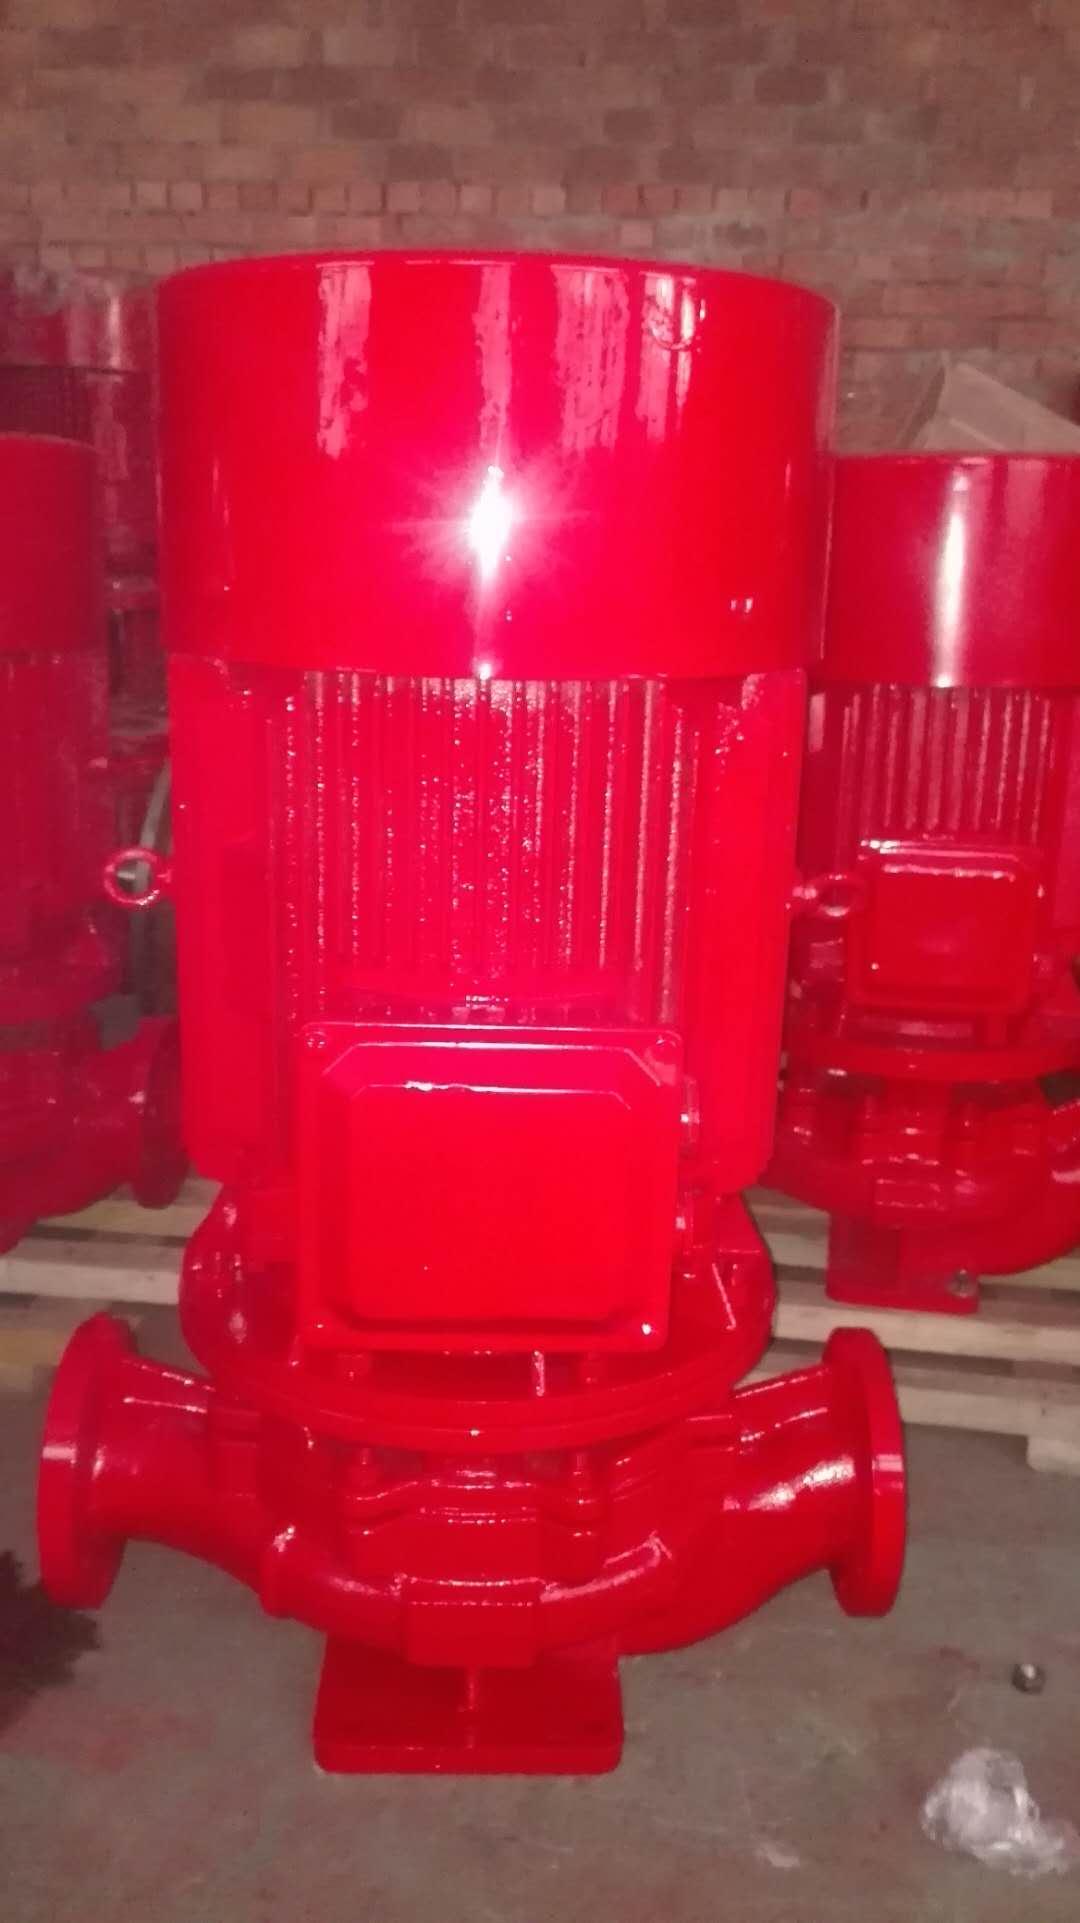 消防喷淋泵 喷淋泵型号 消防泵厂家 XBD7.6/18-L(W)恒压切线泵流量  扬程=74米 流量=每秒18升